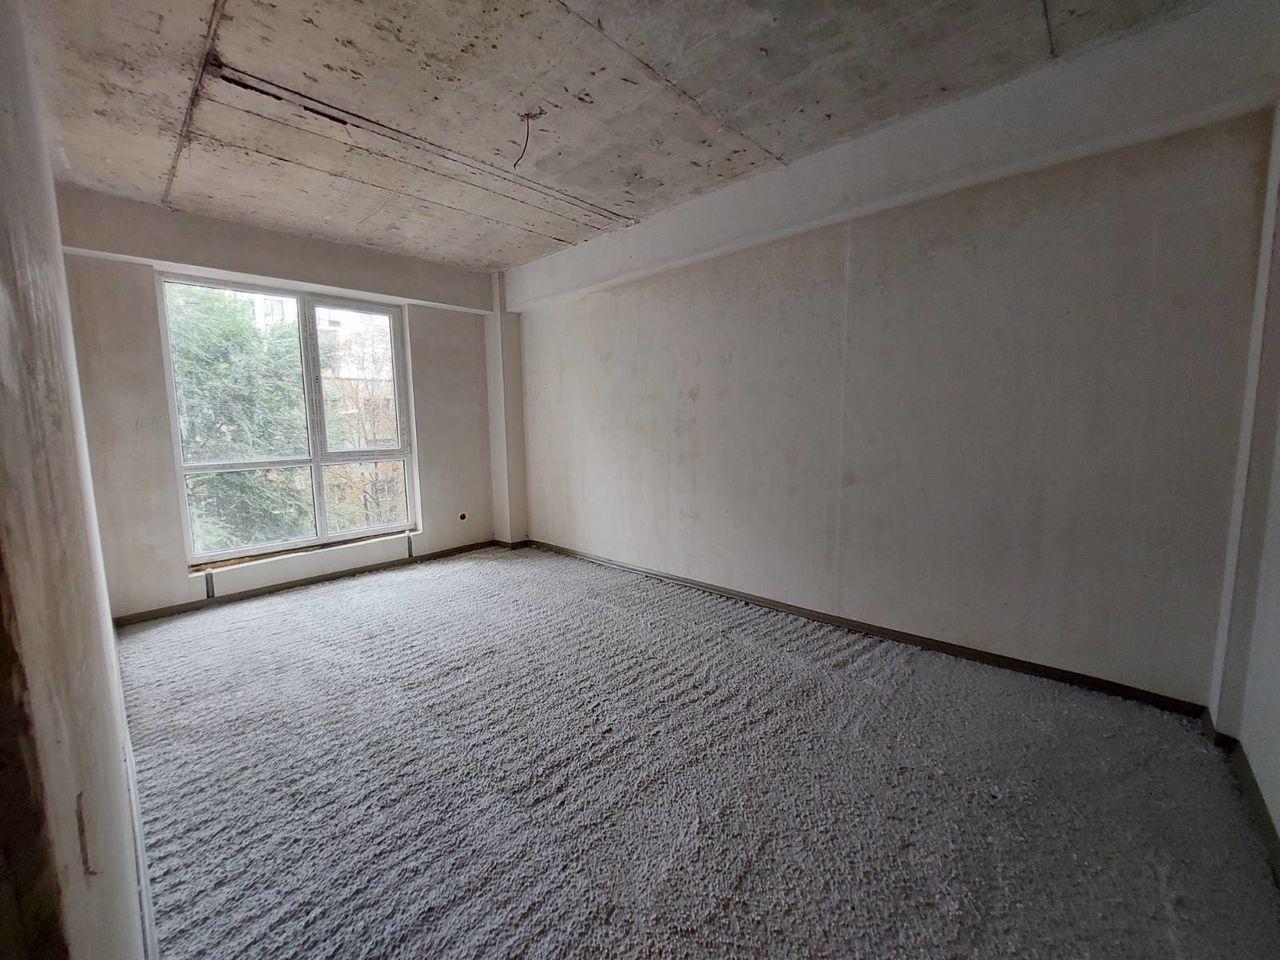 Rîșcani str. Alecu Russo 3 camere 90,1 m2 variantă albă bloc nou